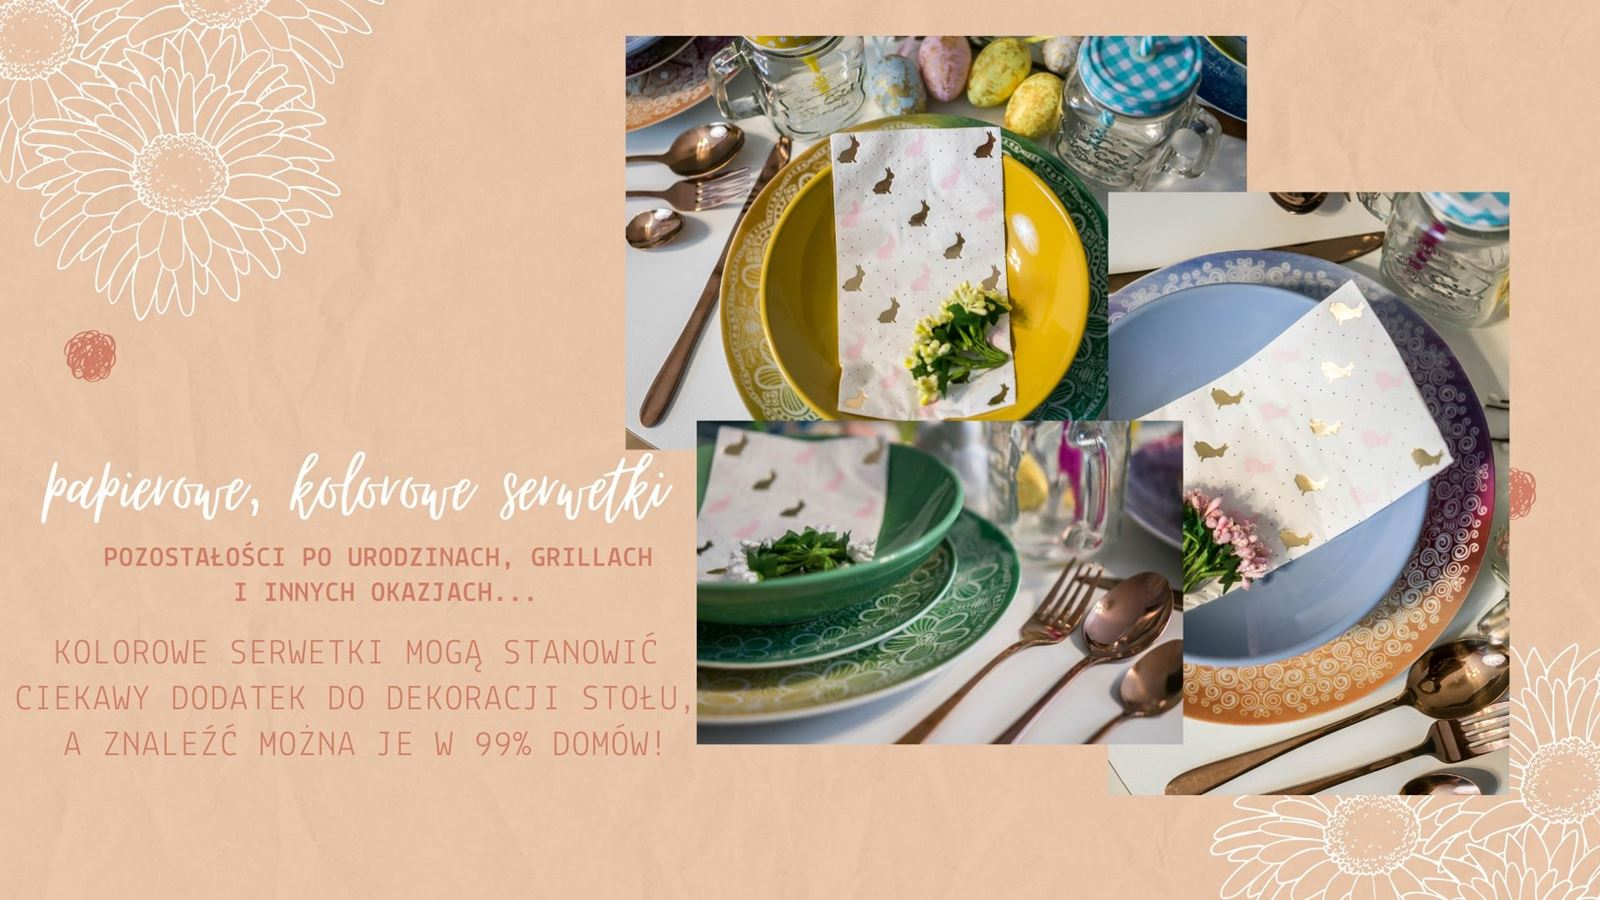 5 dekoracje wielkanocne diy jak udekorować stół wielkanocny bez wydawania pieniędzy kolorowe dodatki na wiosnę jak urządzić mieszkanie na wiosnę wiosenne dodatki do wnętrz tanie